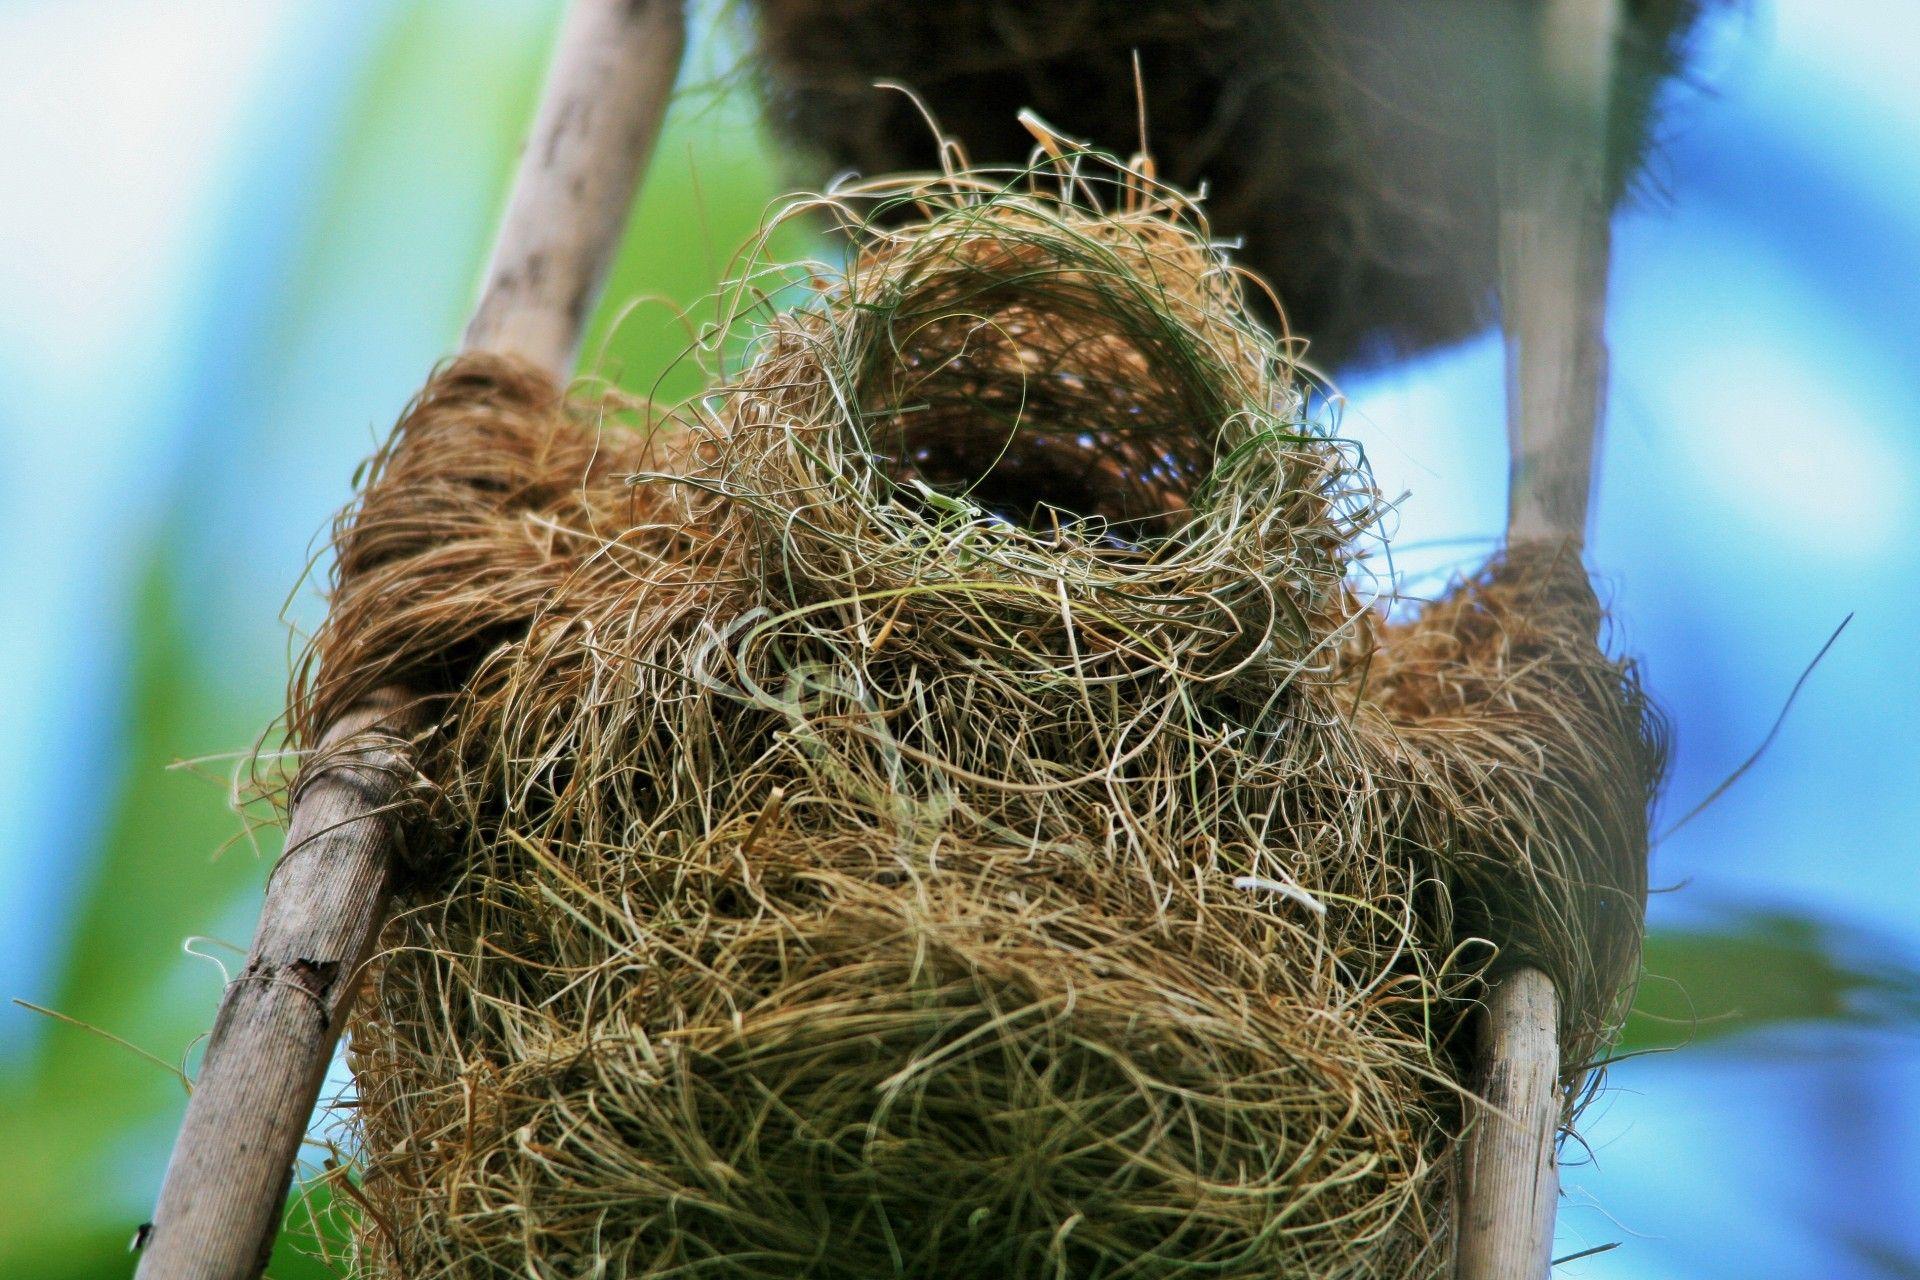 Burung Manyar Sering Membangun Sarang Unik Ada Sarang Yang Beratnya Capai 1 Ton Semua Halaman Bobo